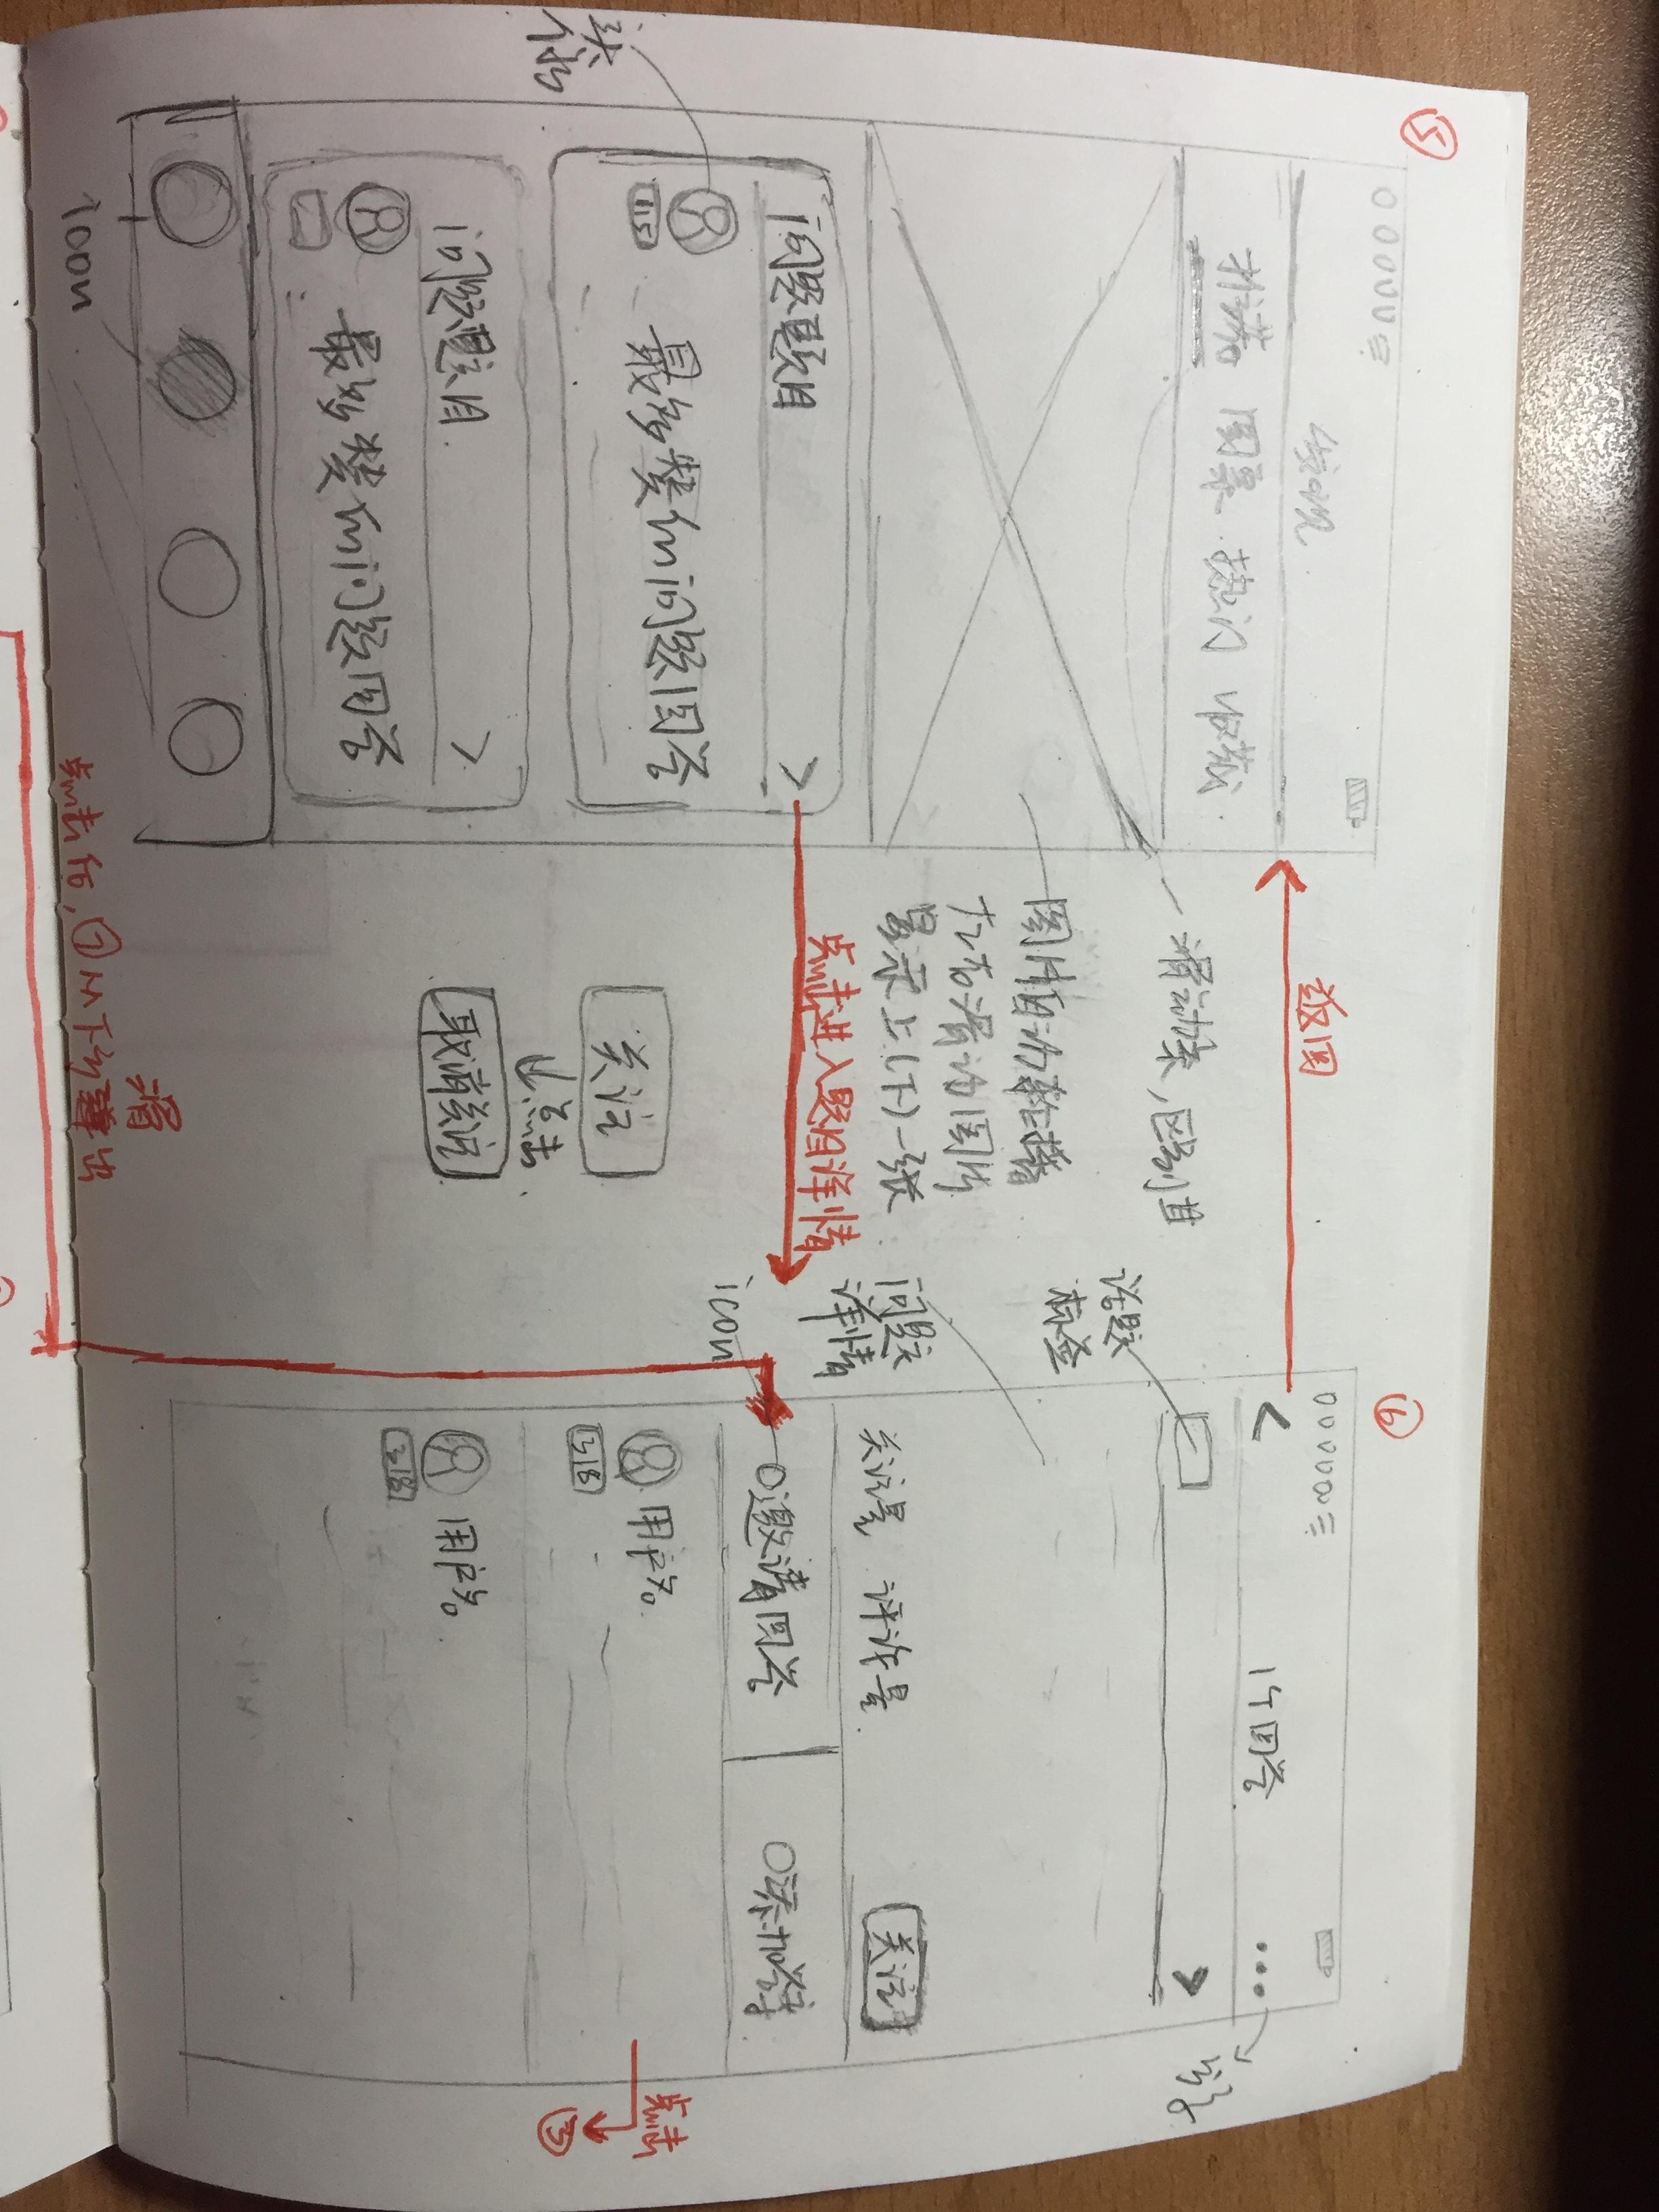 手绘原型图 ui 交互/ue daneemu - 原创作品 - 站酷